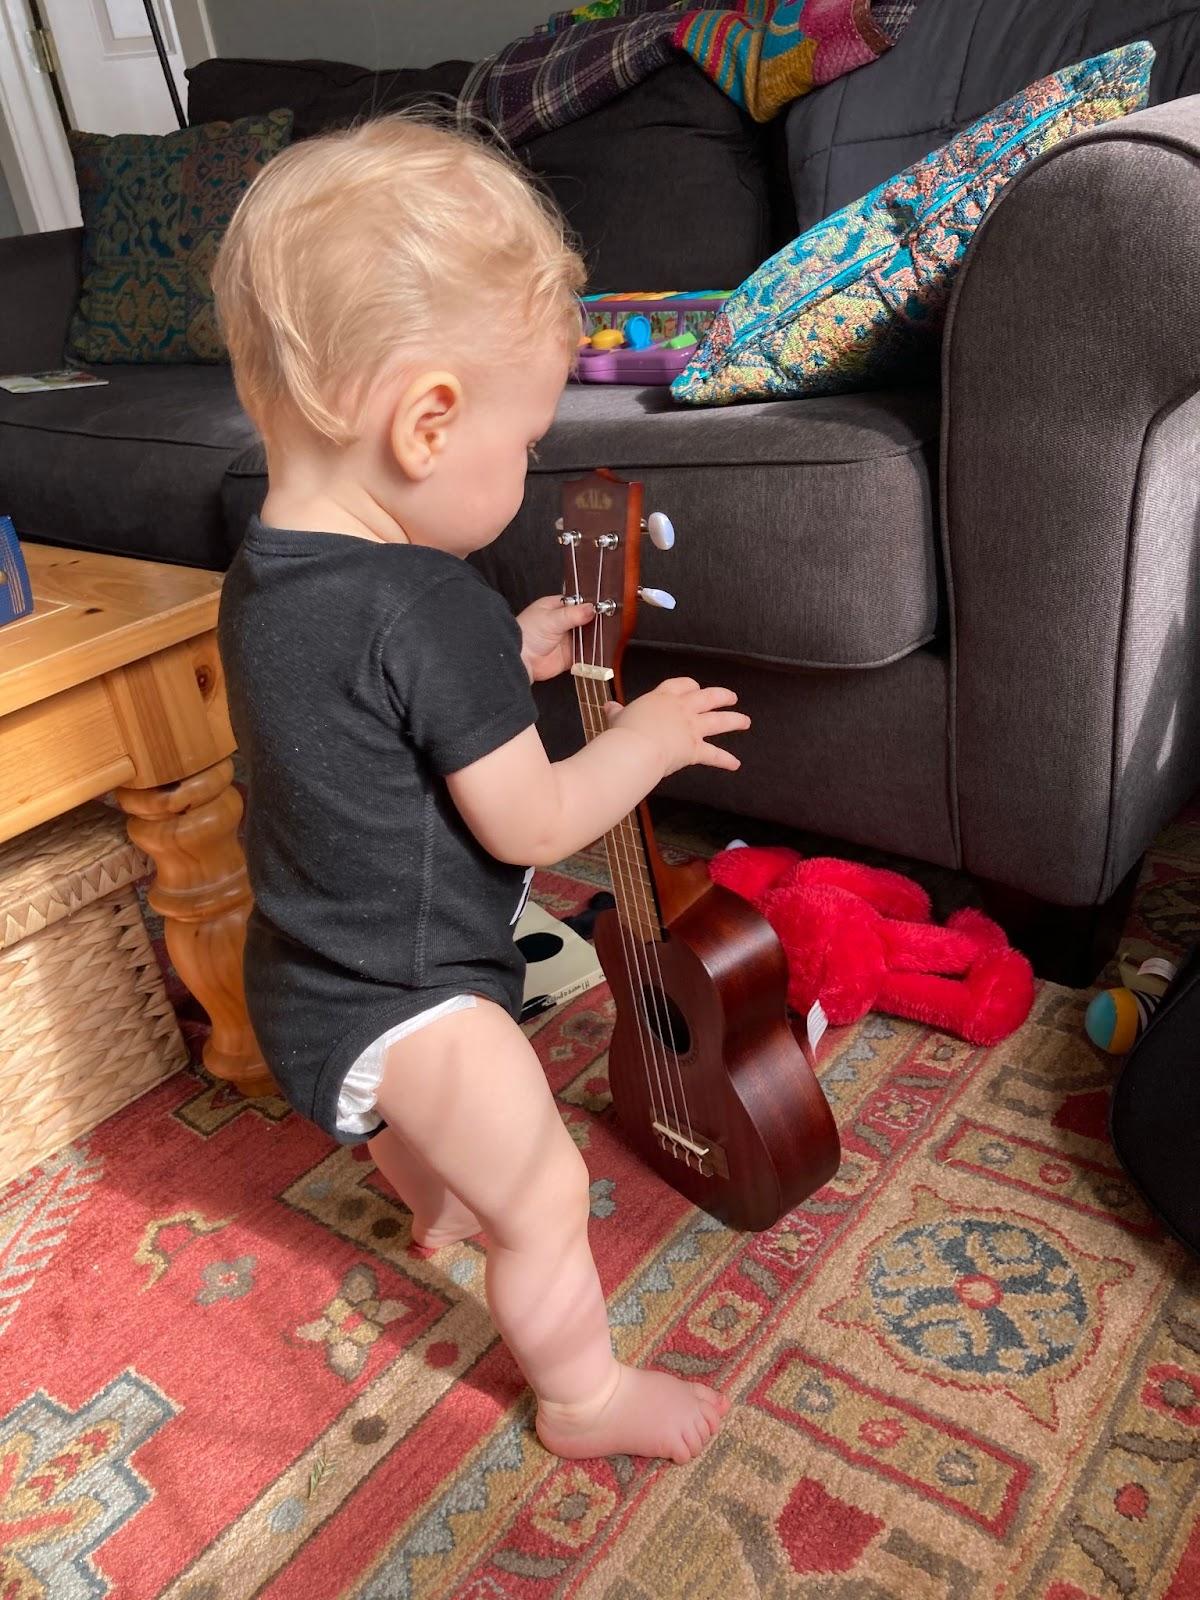 Baby holding ukulele